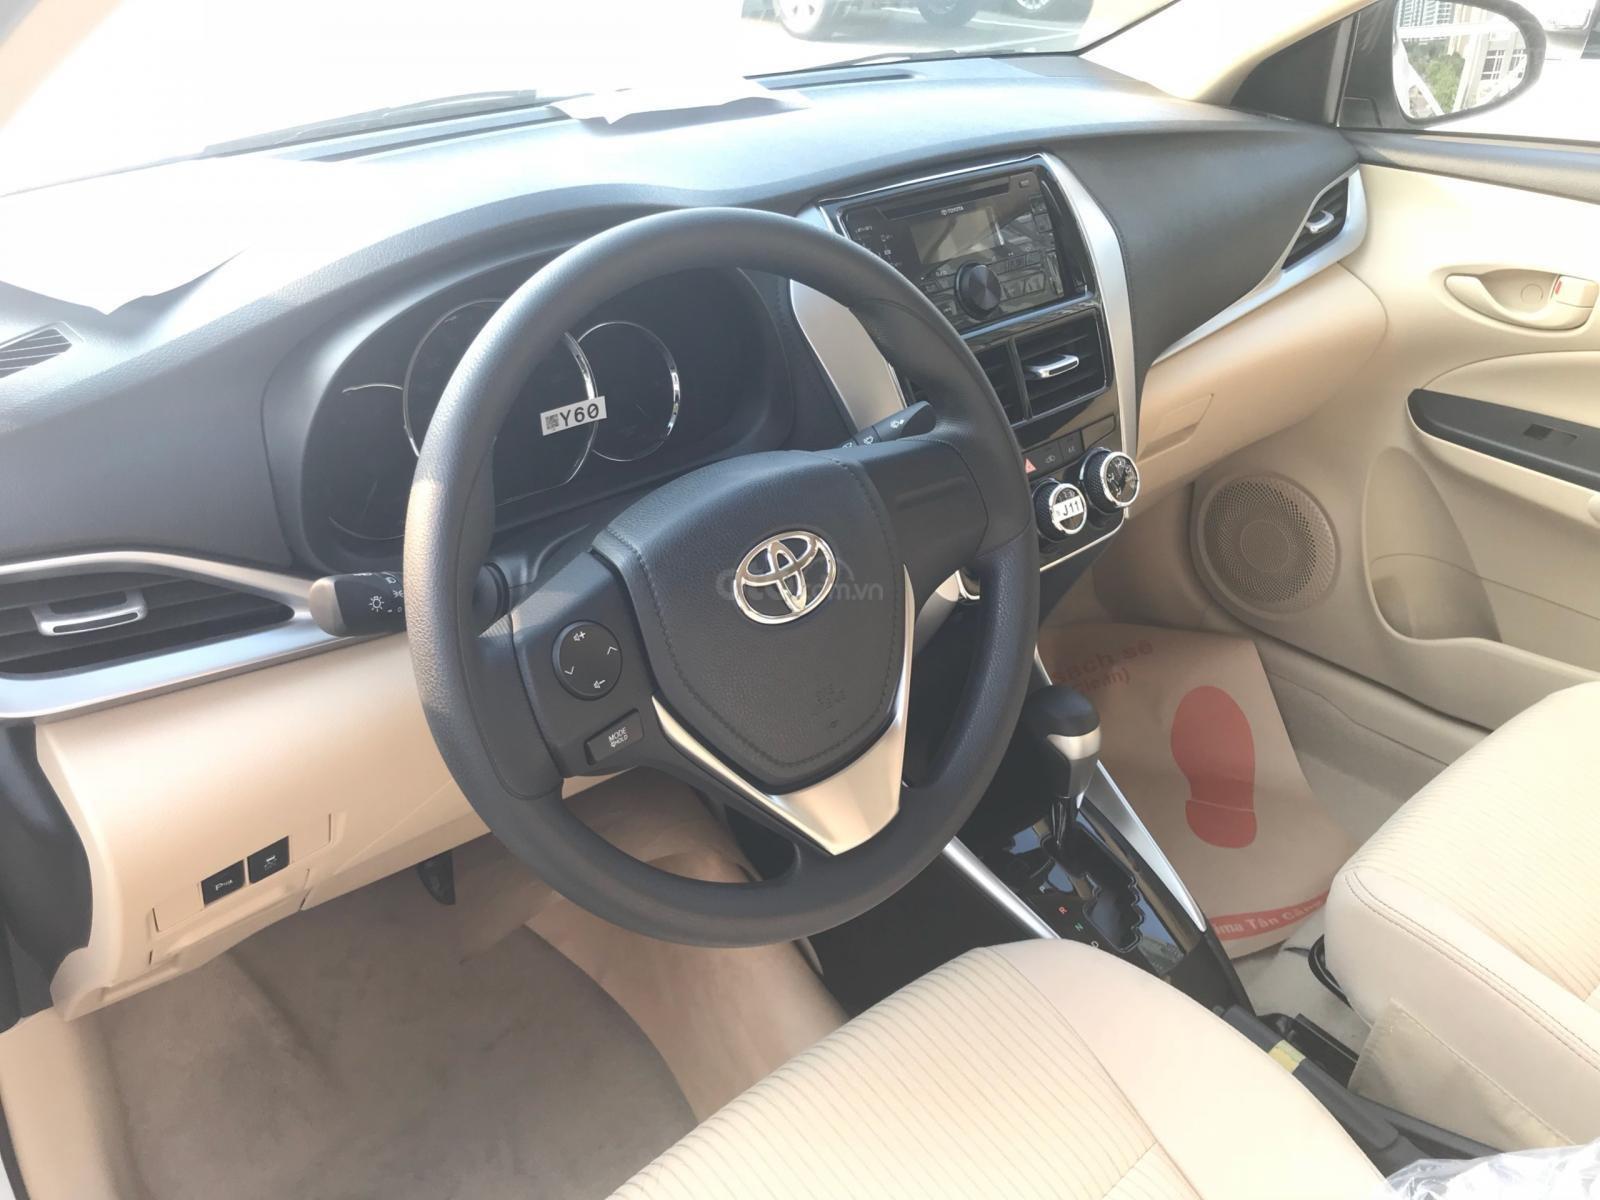 Toyota Tân Cảng Vios 1.5 tự động, trả trước 150tr nhận xe - giao ngay đủ màu, LH 0933000600 (2)